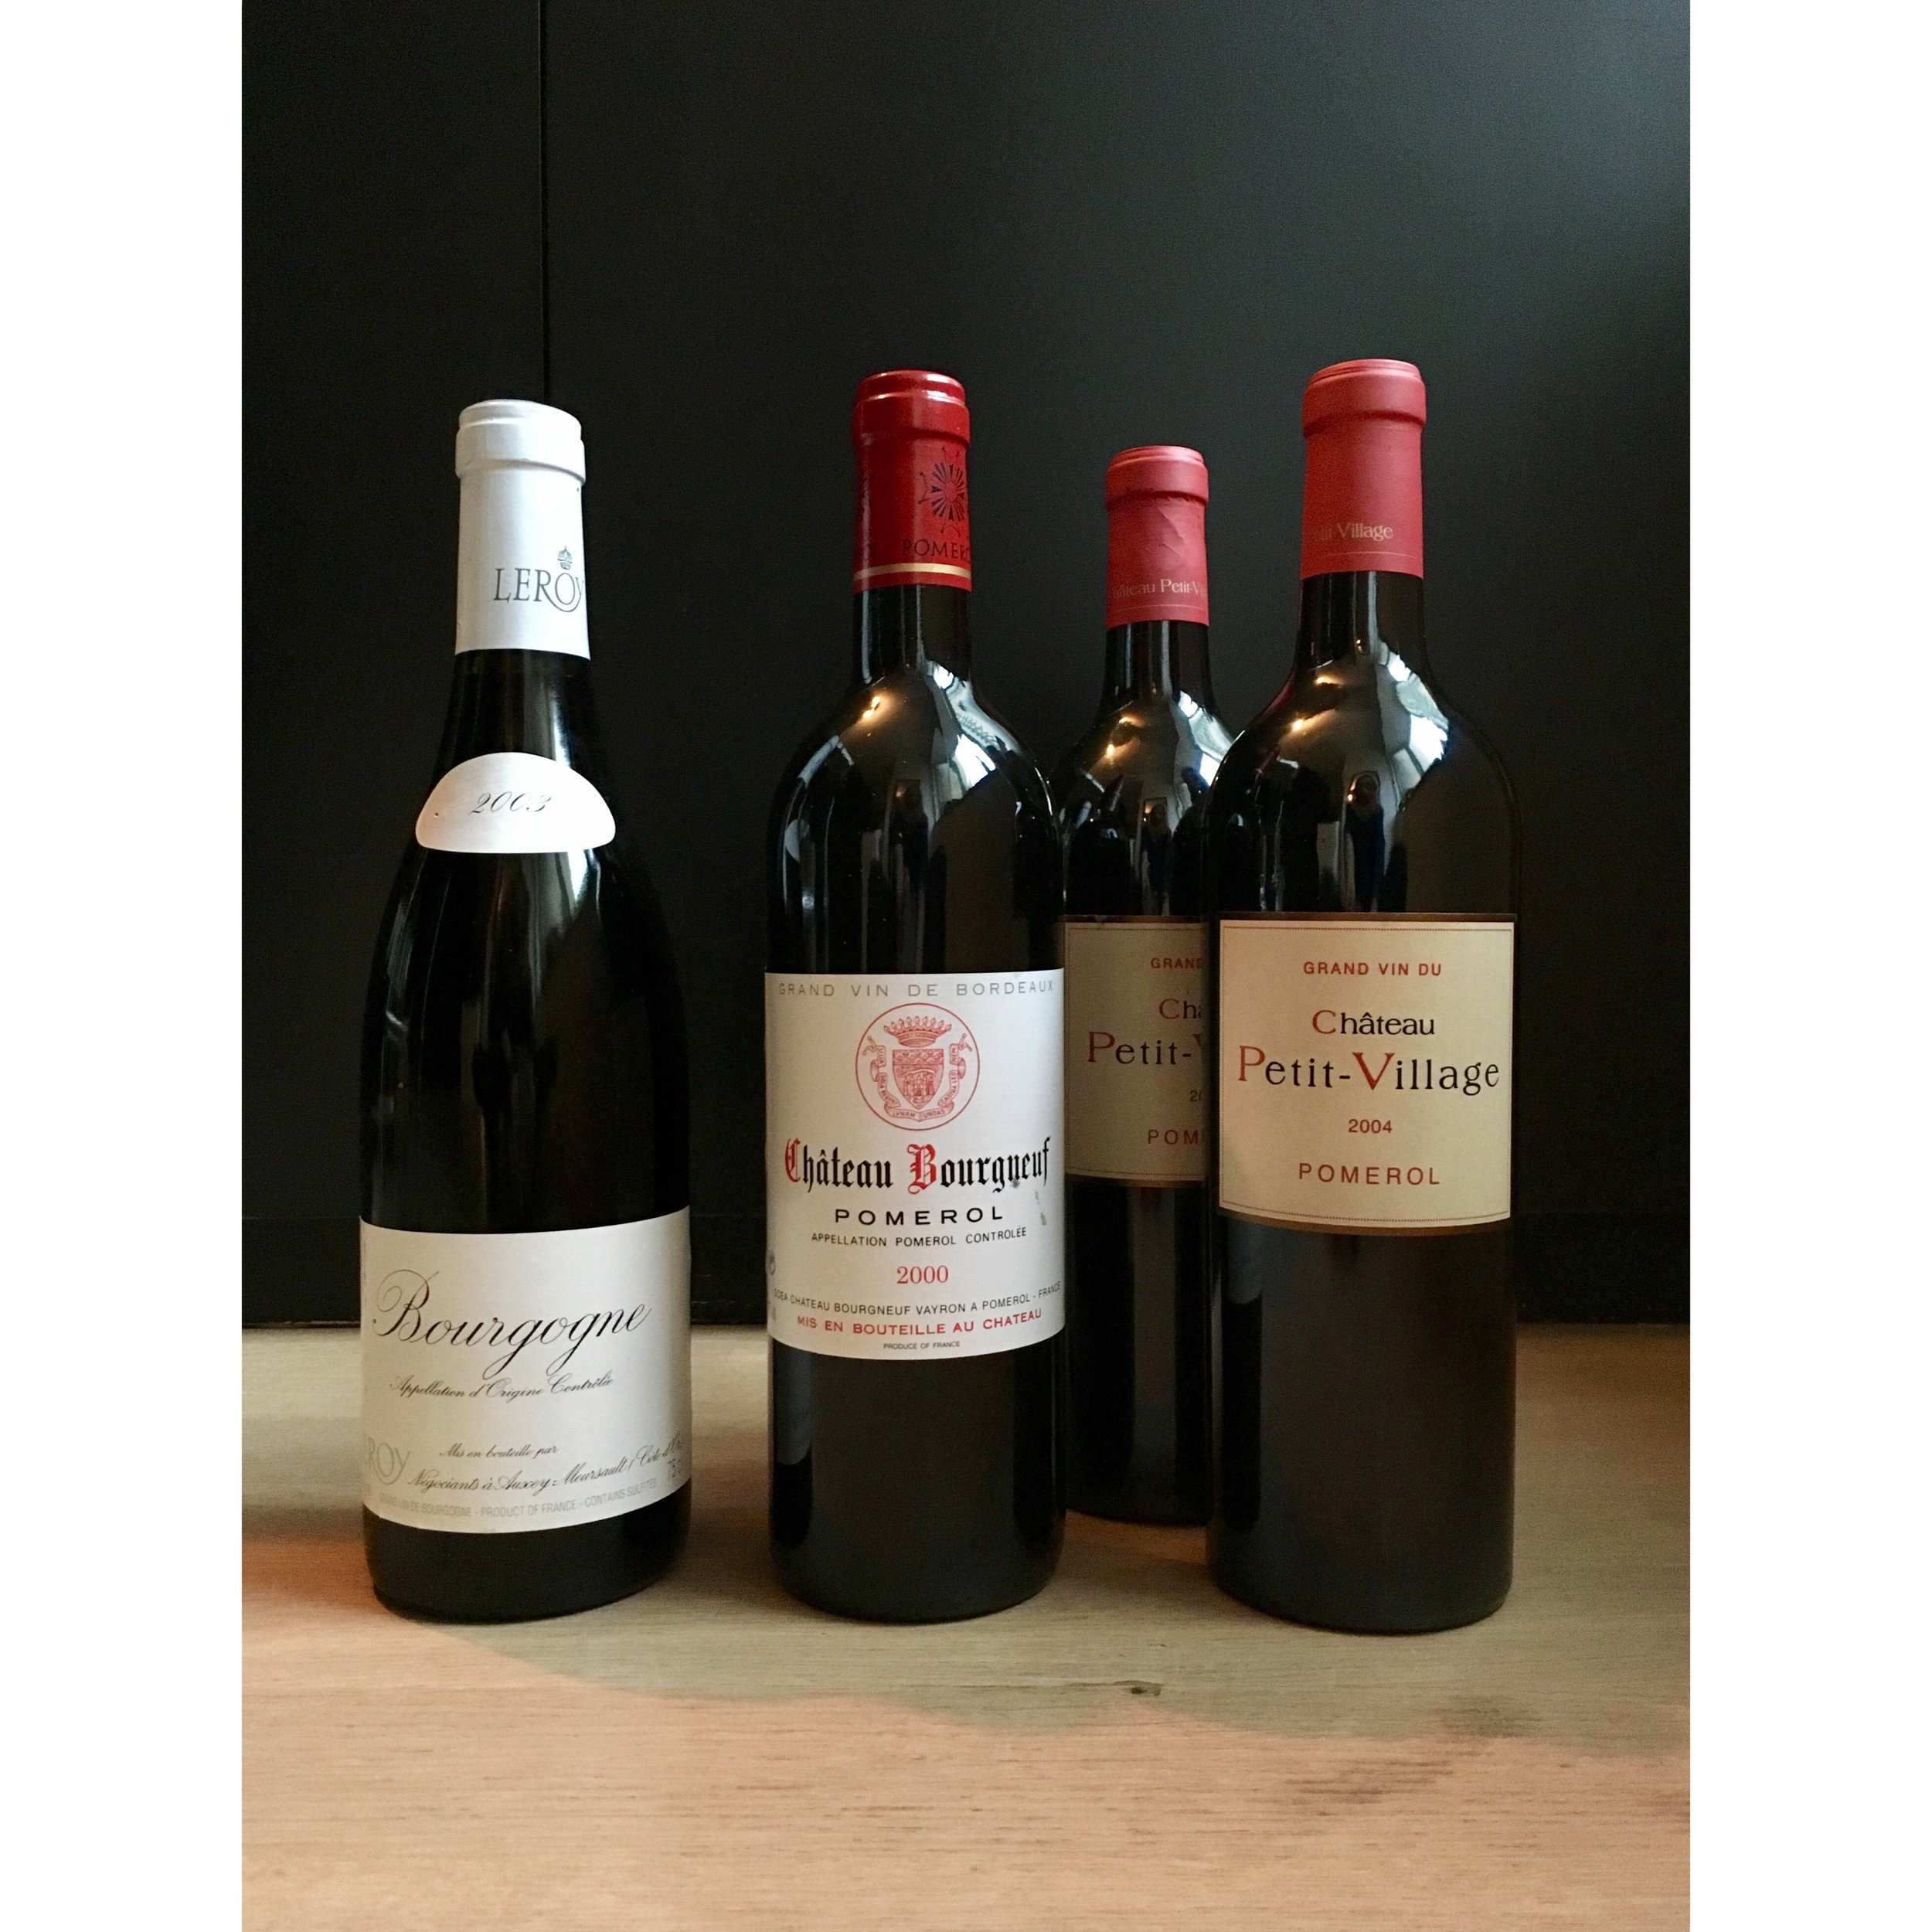 Leroy Bourgogne Rouge 2003